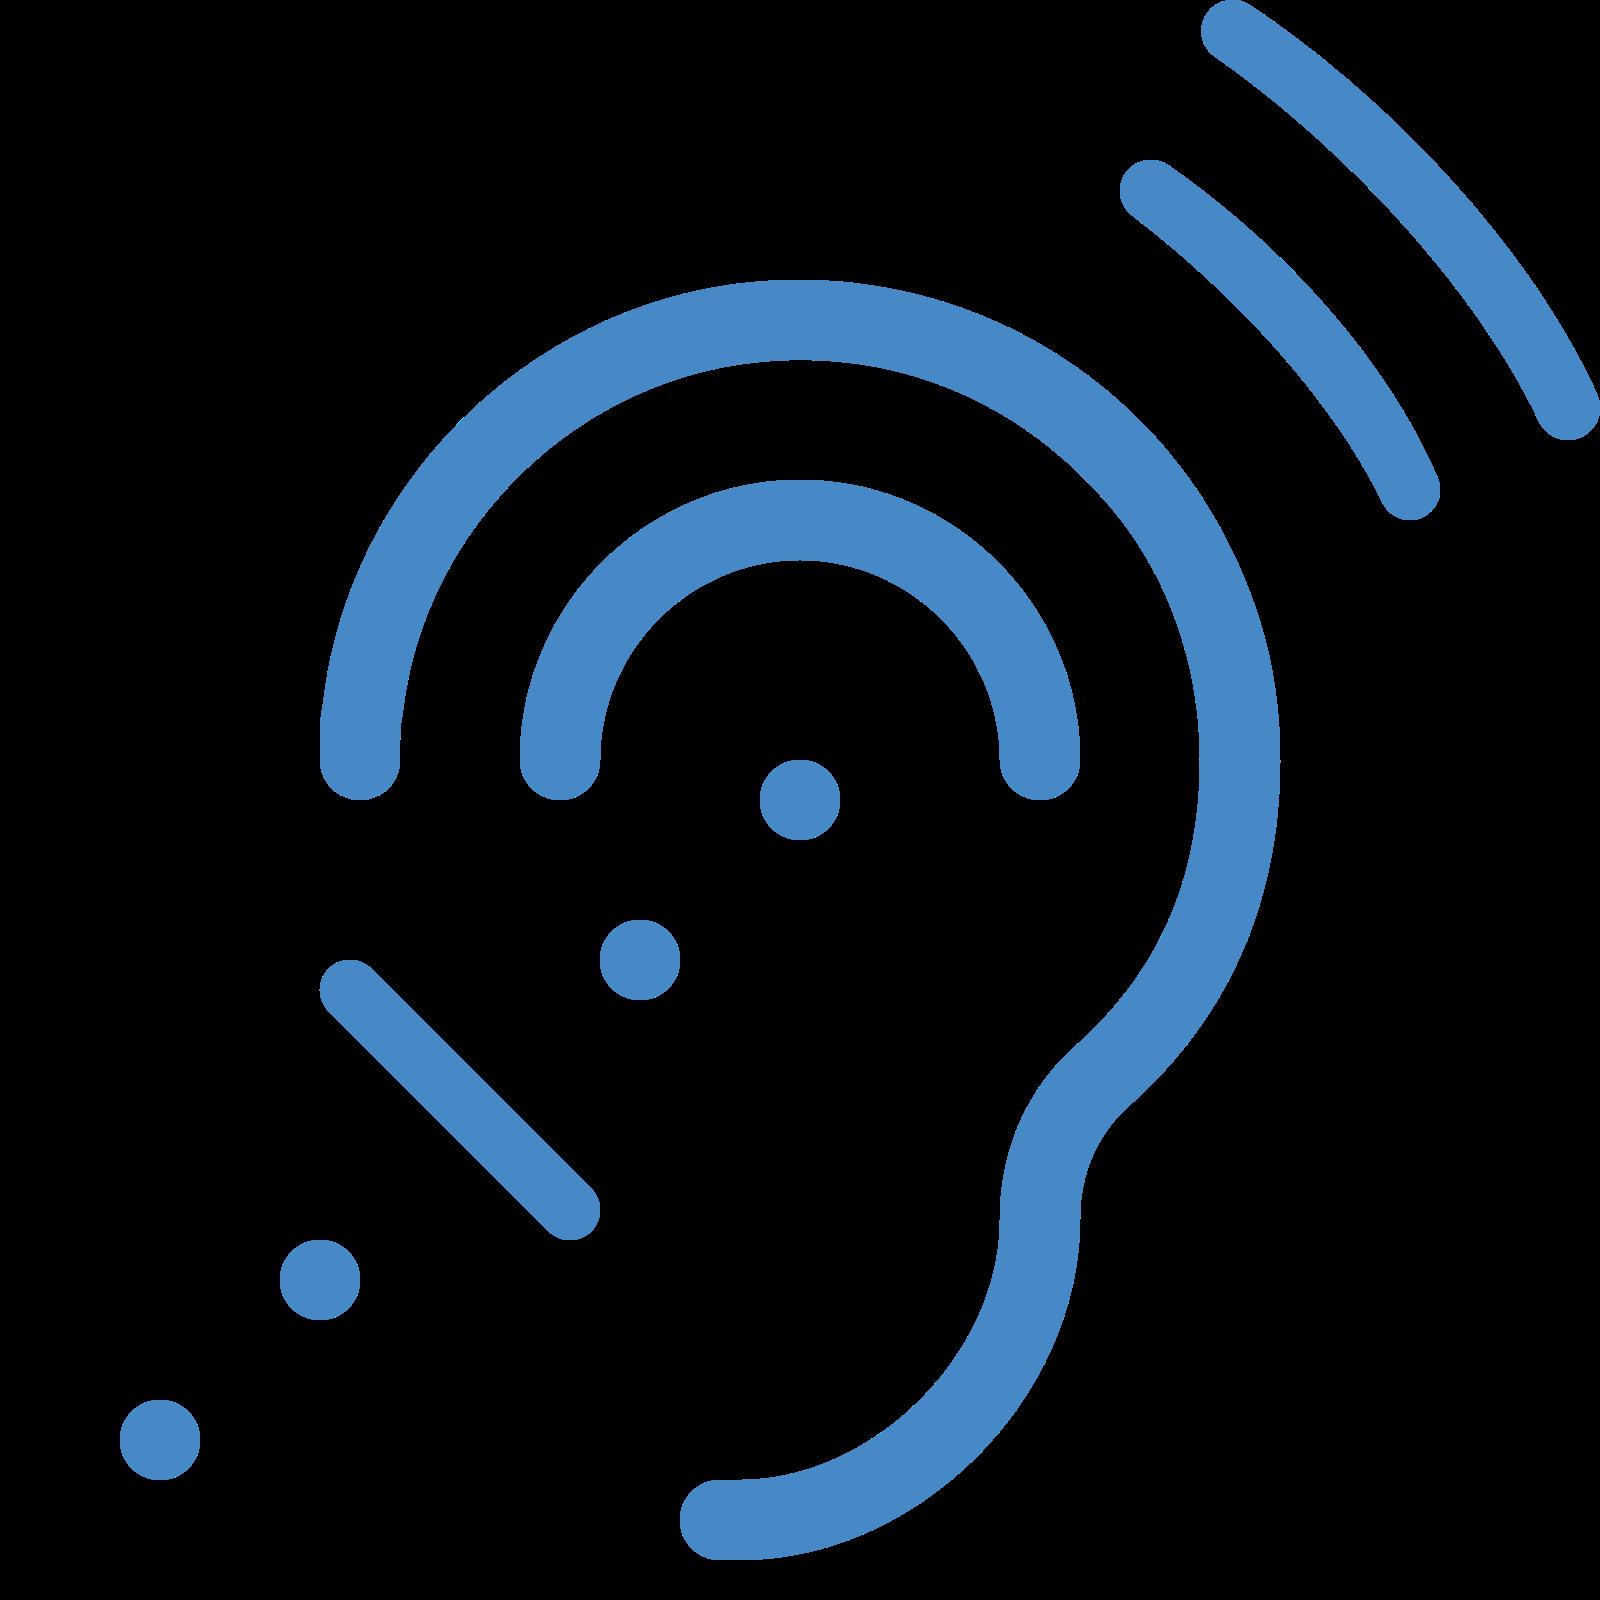 听觉辅助系统 icon. This logo is shaped like a an ear kind of. There are some dots in the ear and leading up to the ear from the bottom left. To the top right there are a couple of lines that are representing noise of some kind.